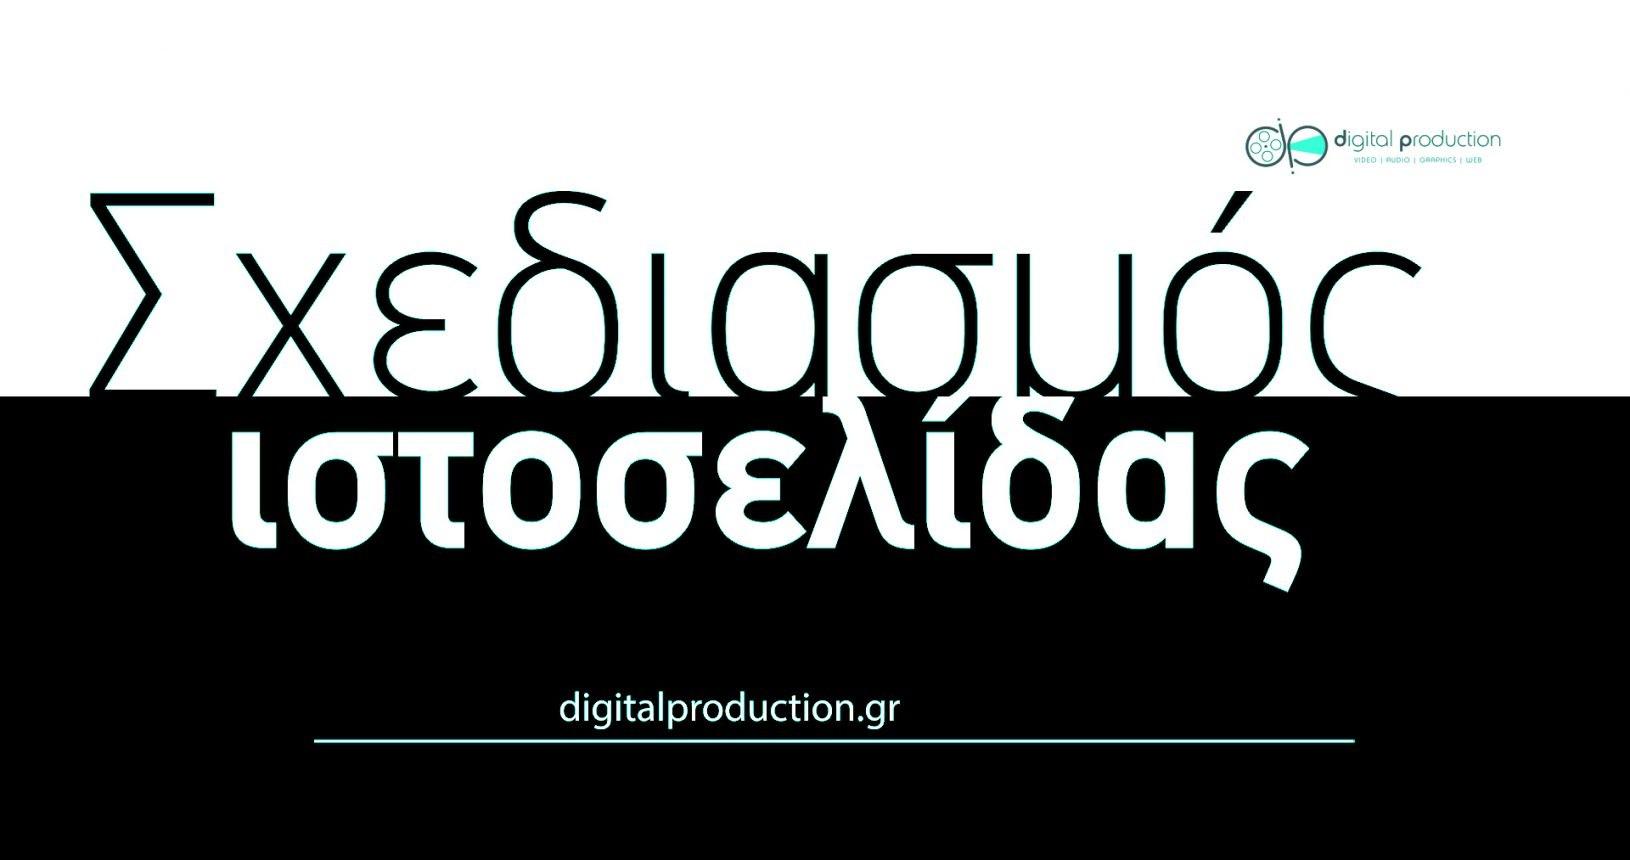 Δημιουργία ιστοσελίδας - wordpress site | Digital Production